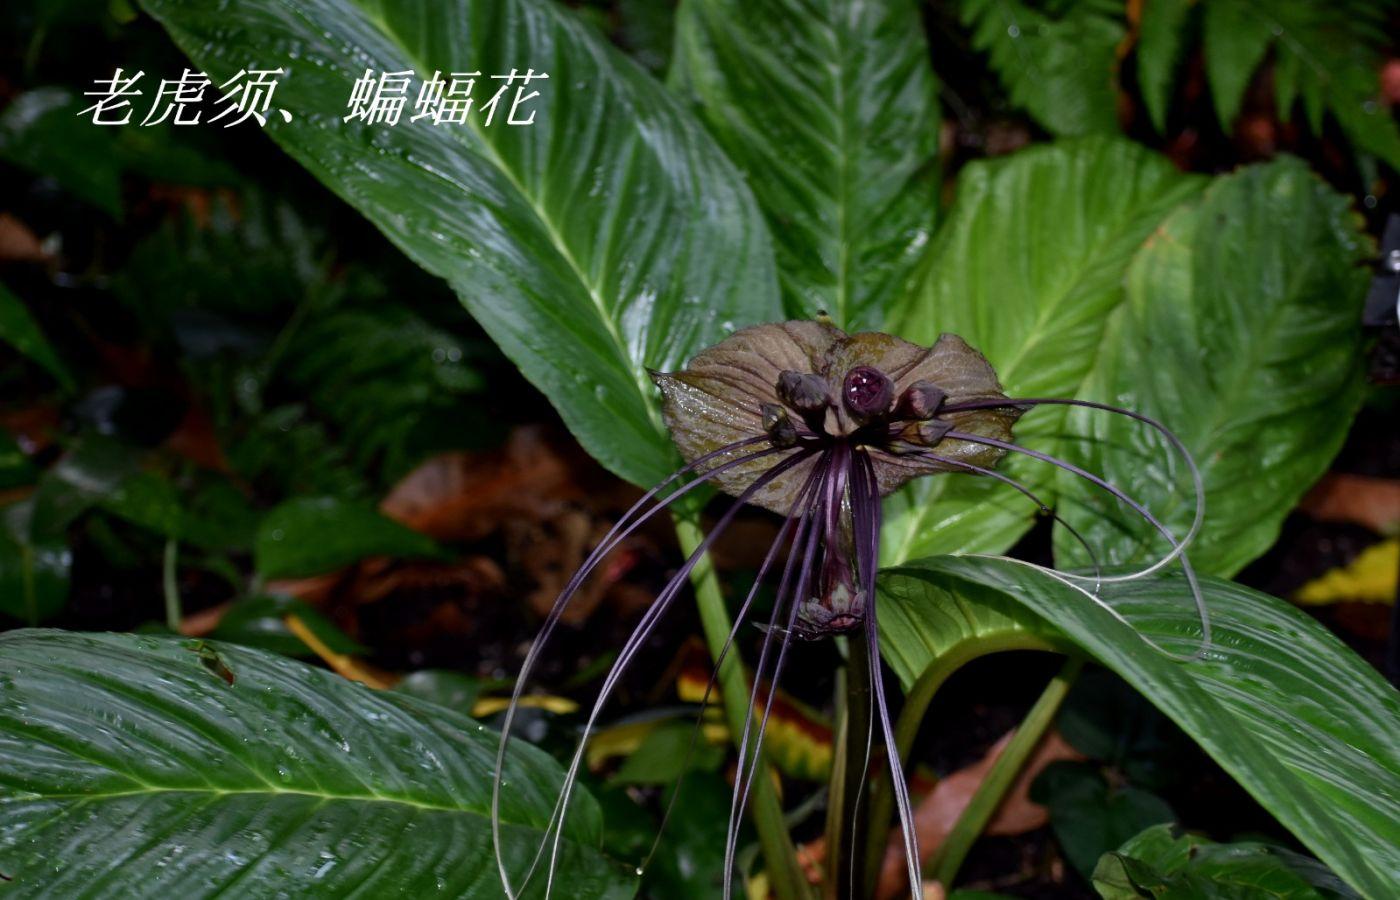 花草图谱 (1)_图1-25